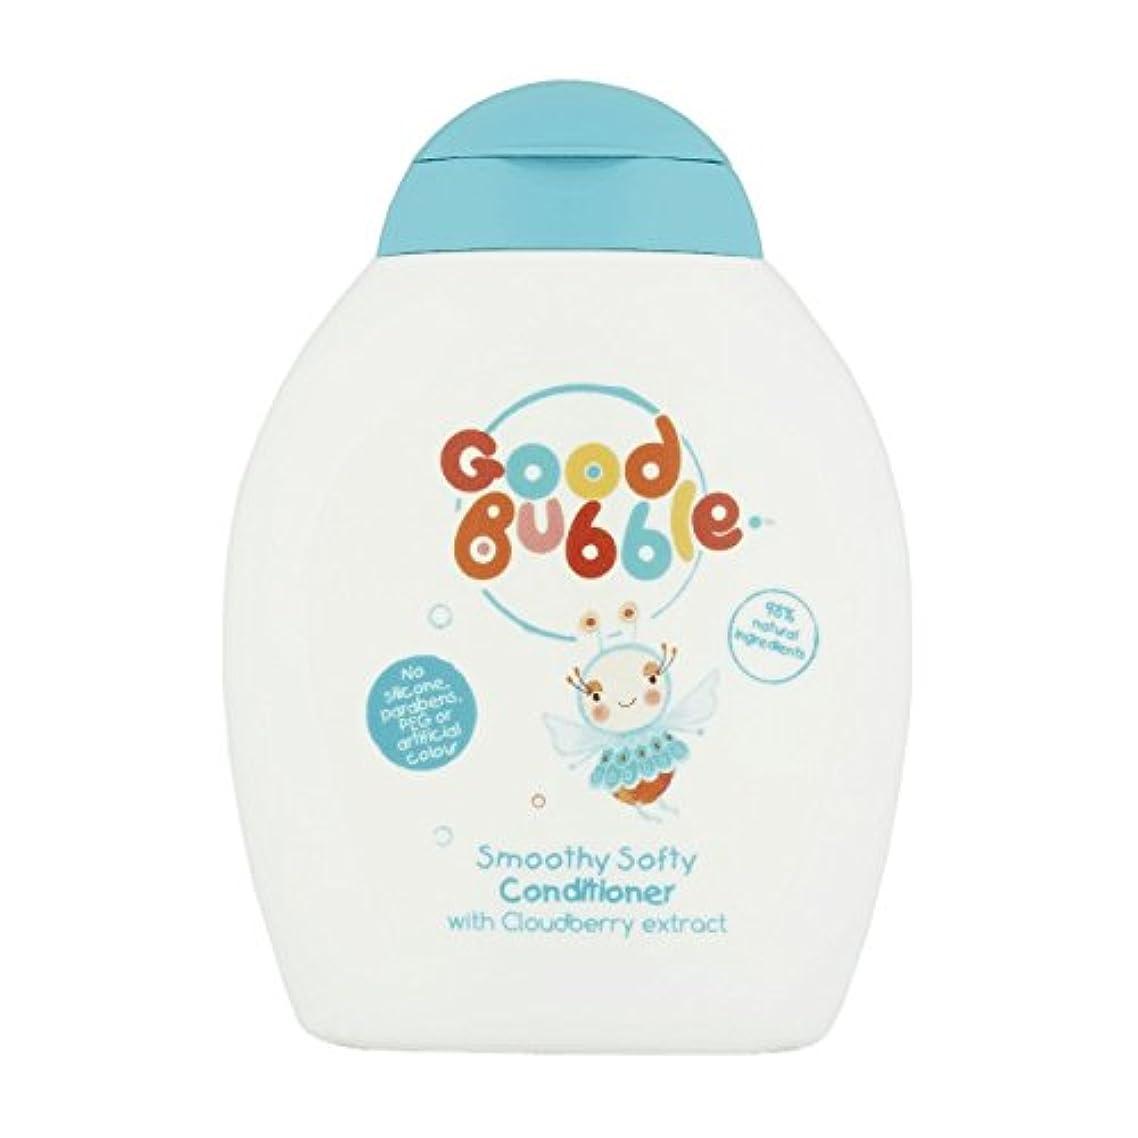 証書調子好ましいGood Bubble Cloudberry Conditioner 250ml (Pack of 2) - 良いバブルクラウドベリーコンディショナー250ミリリットル (x2) [並行輸入品]